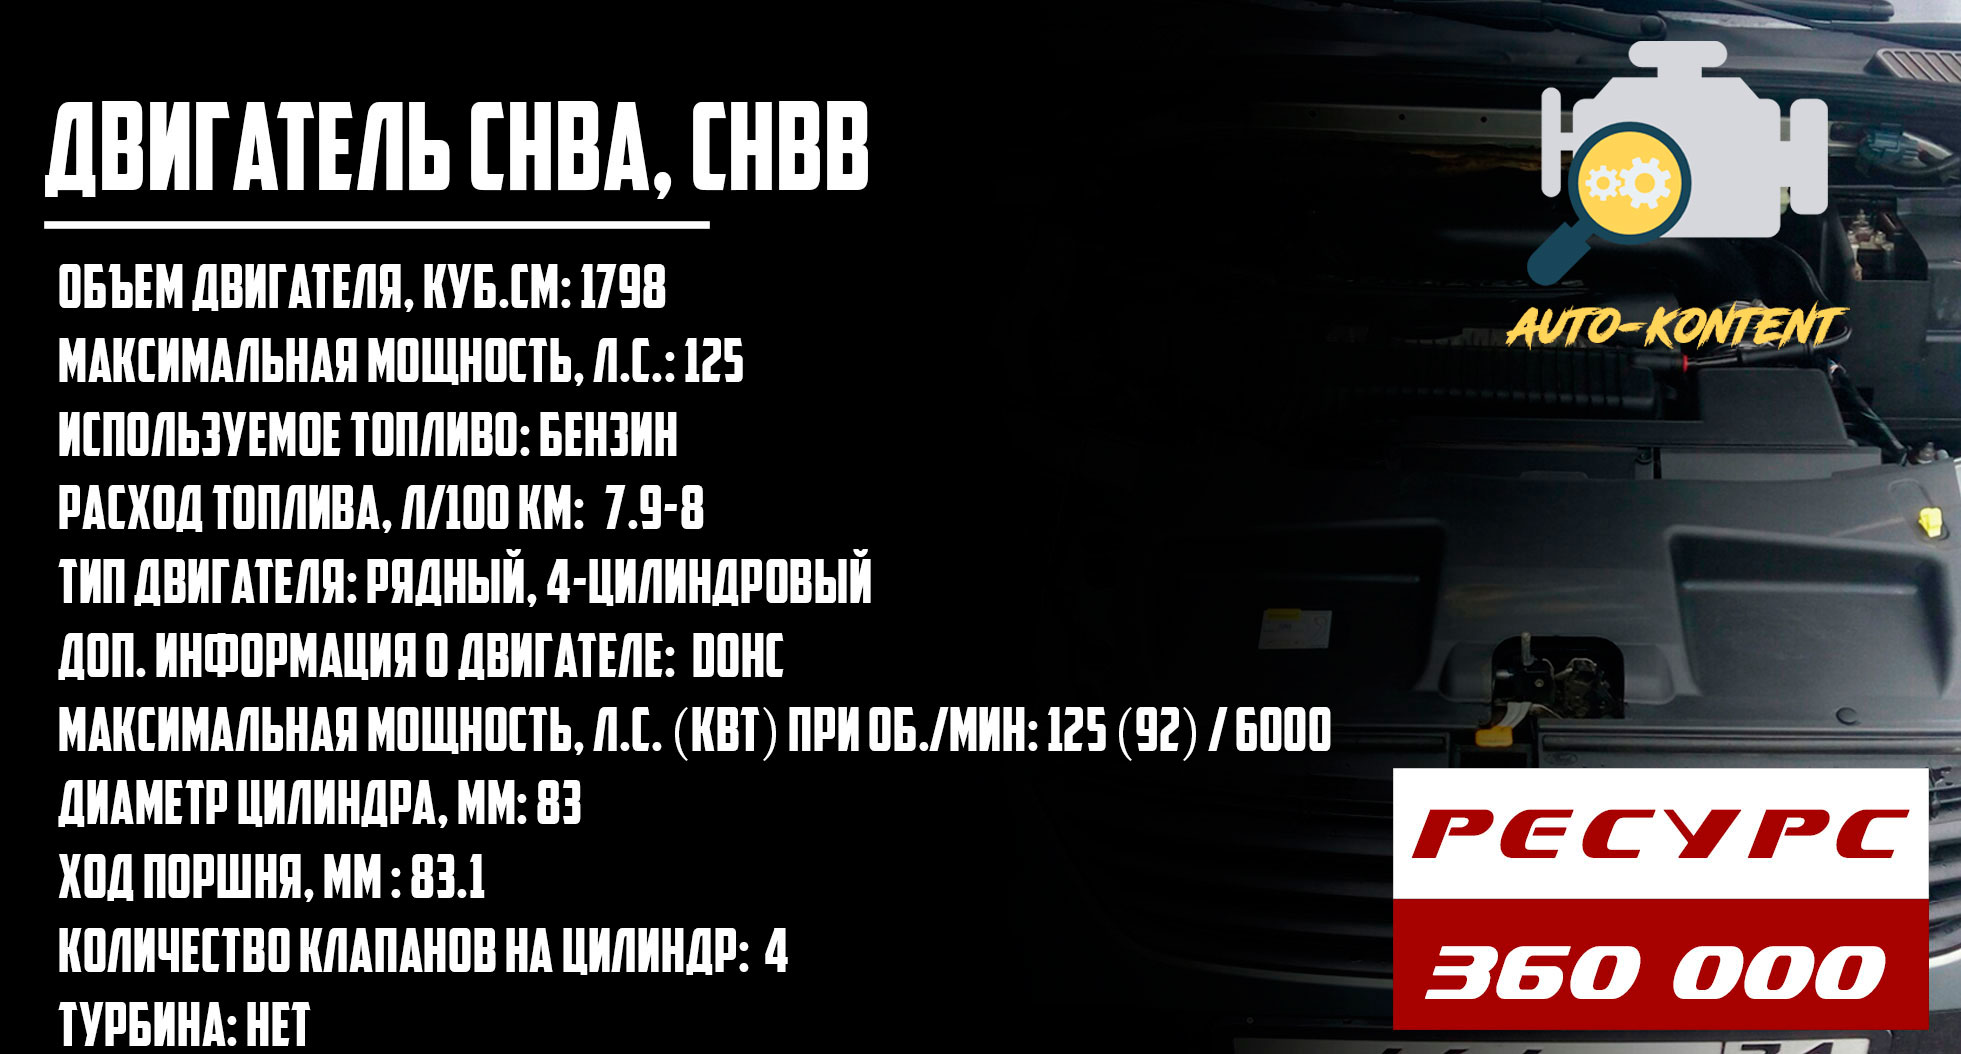 CHBA, CHBB